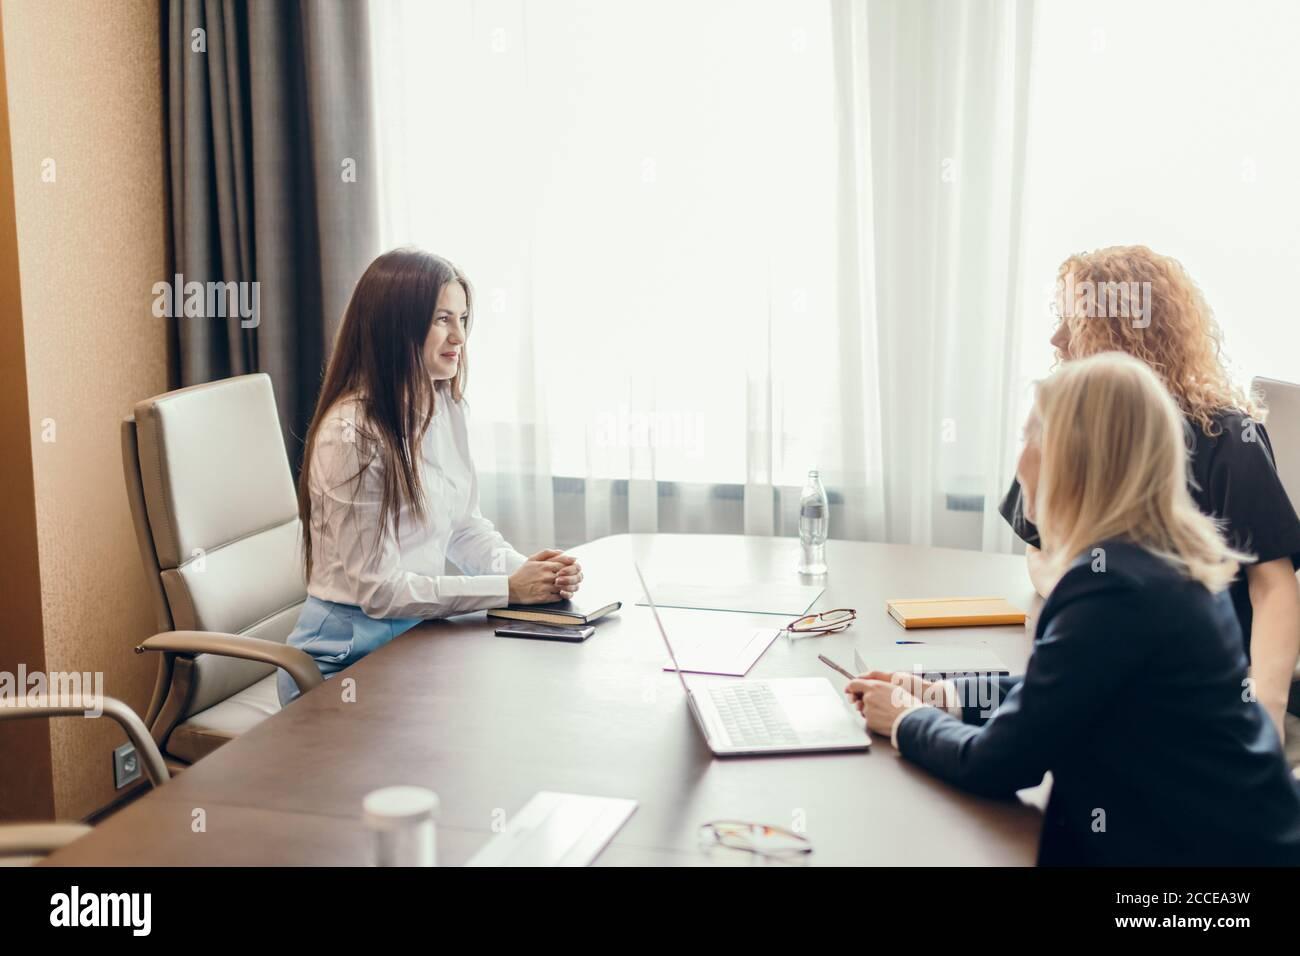 Deux femmes gestionnaires des ressources humaines menant une entrevue d'emploi avec une femme candidate au bureau. Obtenir un nouveau concept de poste Banque D'Images